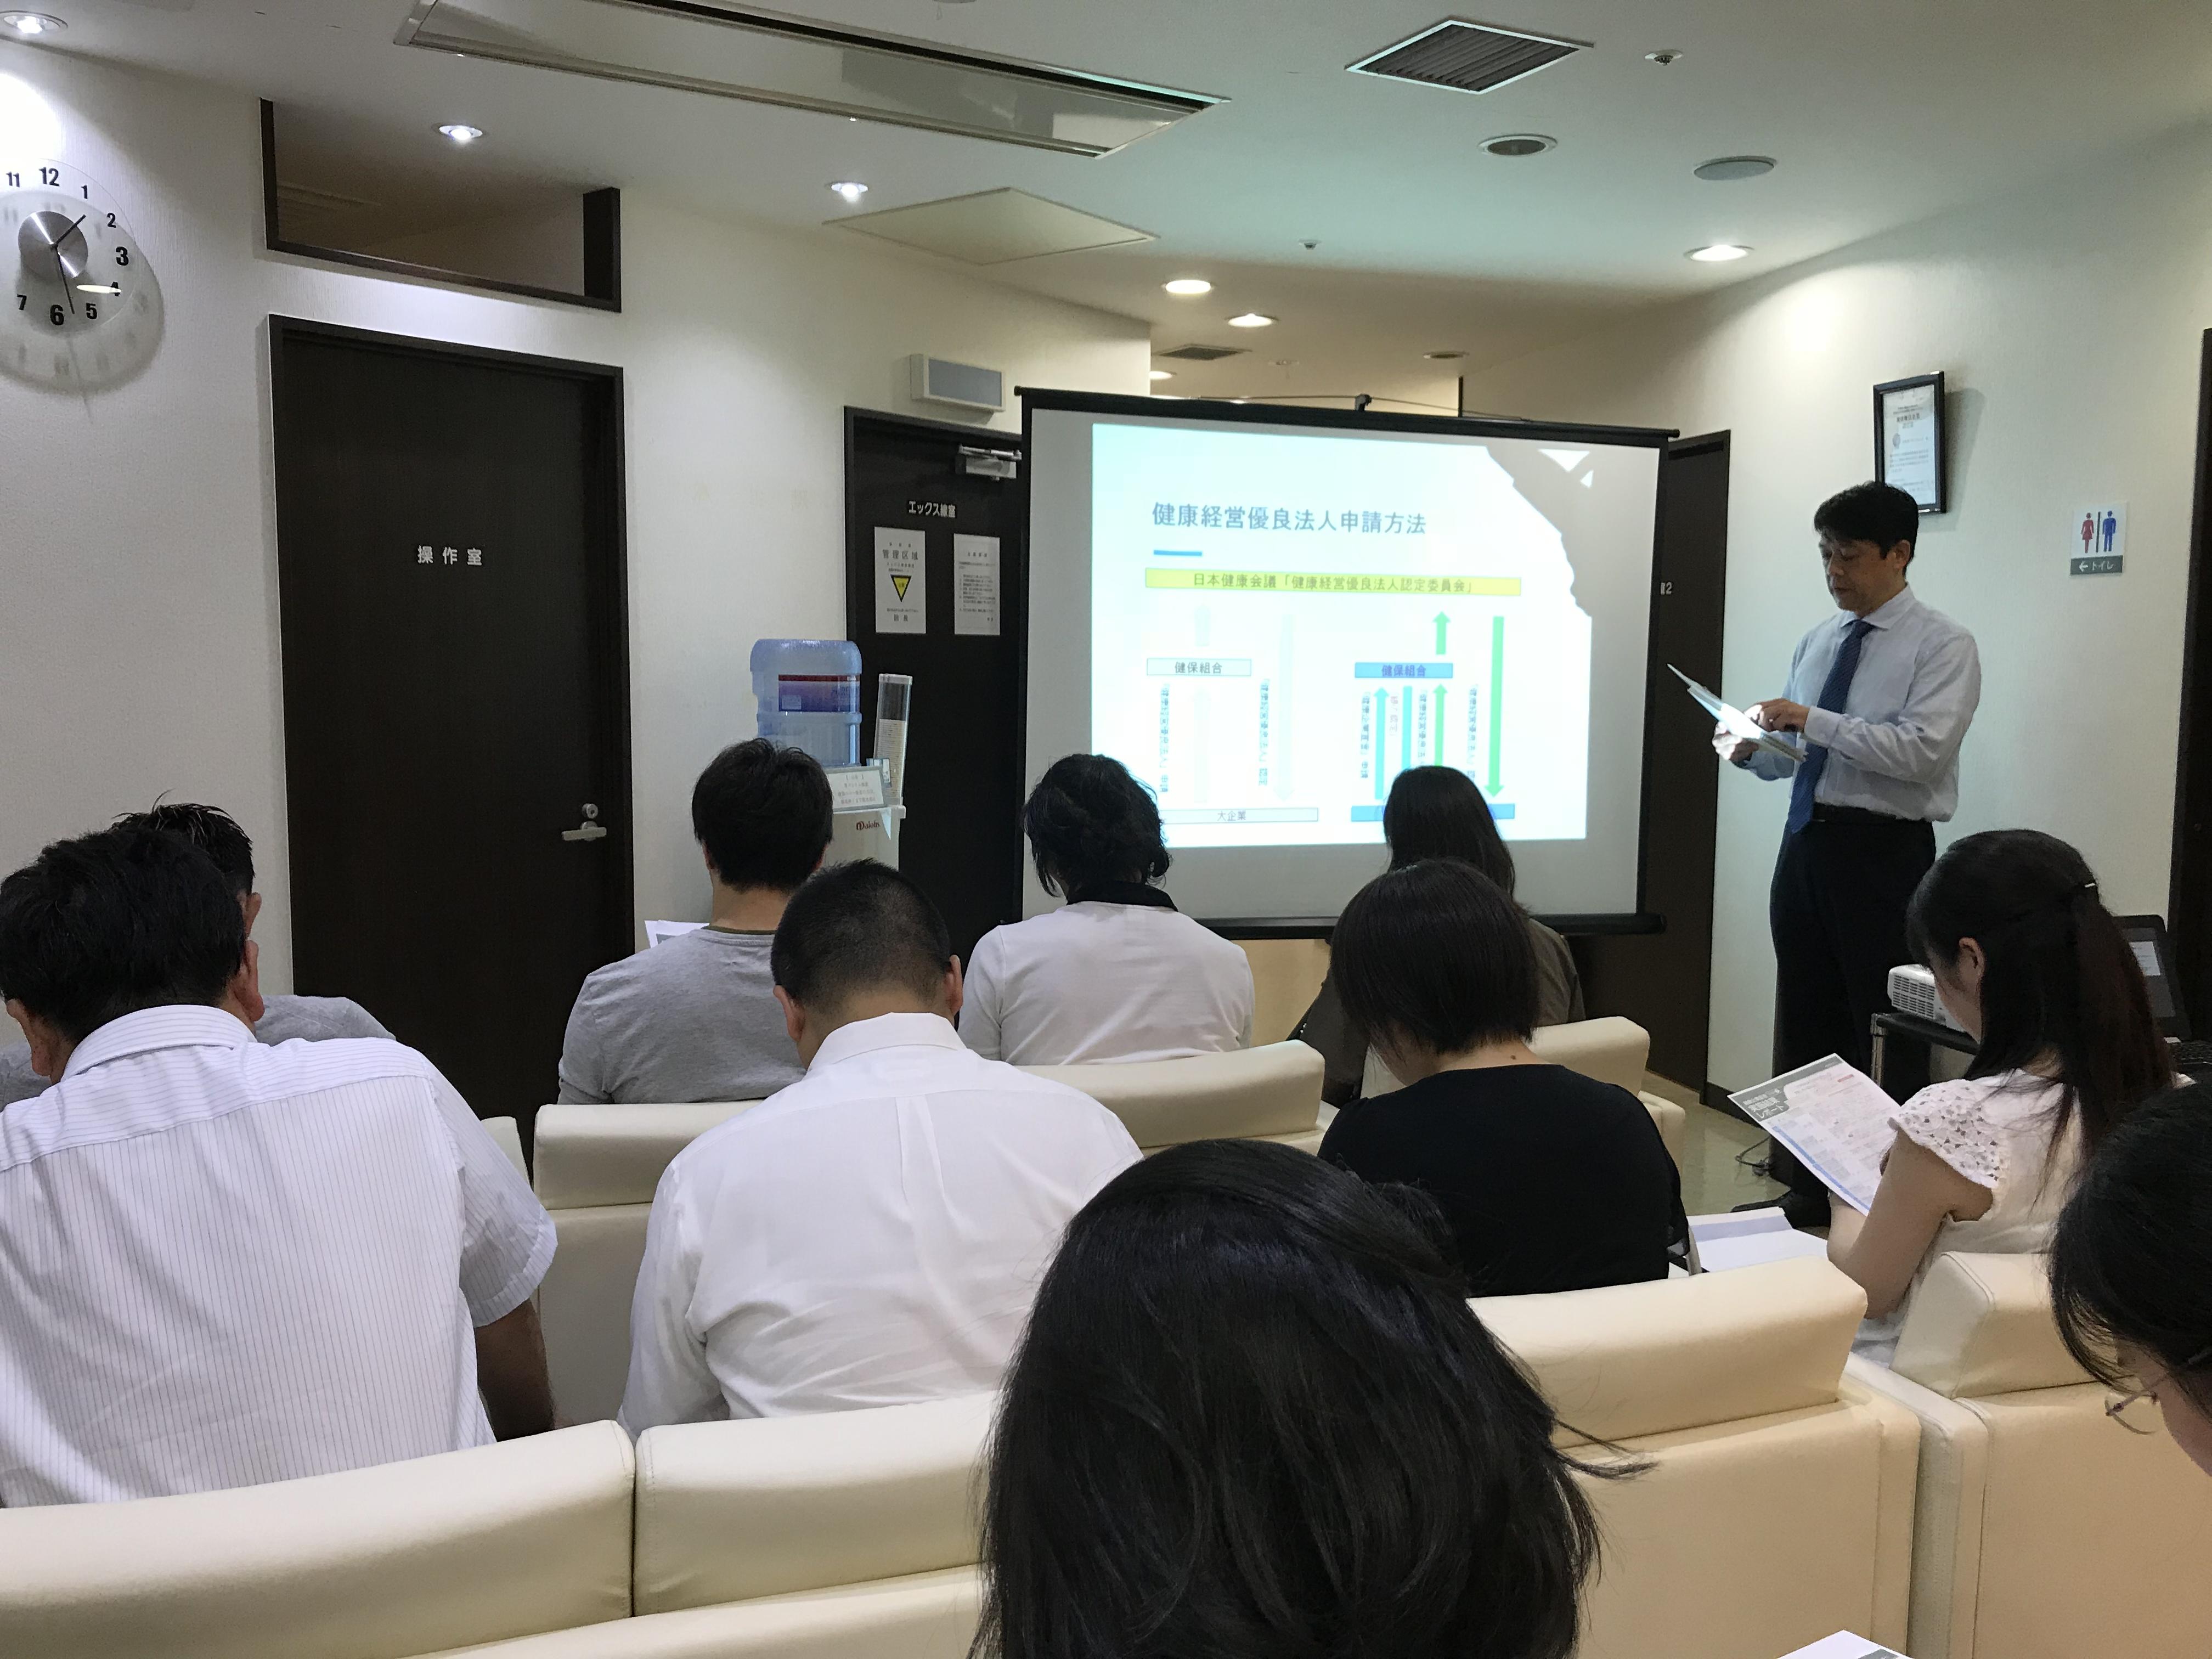 【7月20日】健康経営スタートアップセミナー開催のご報告